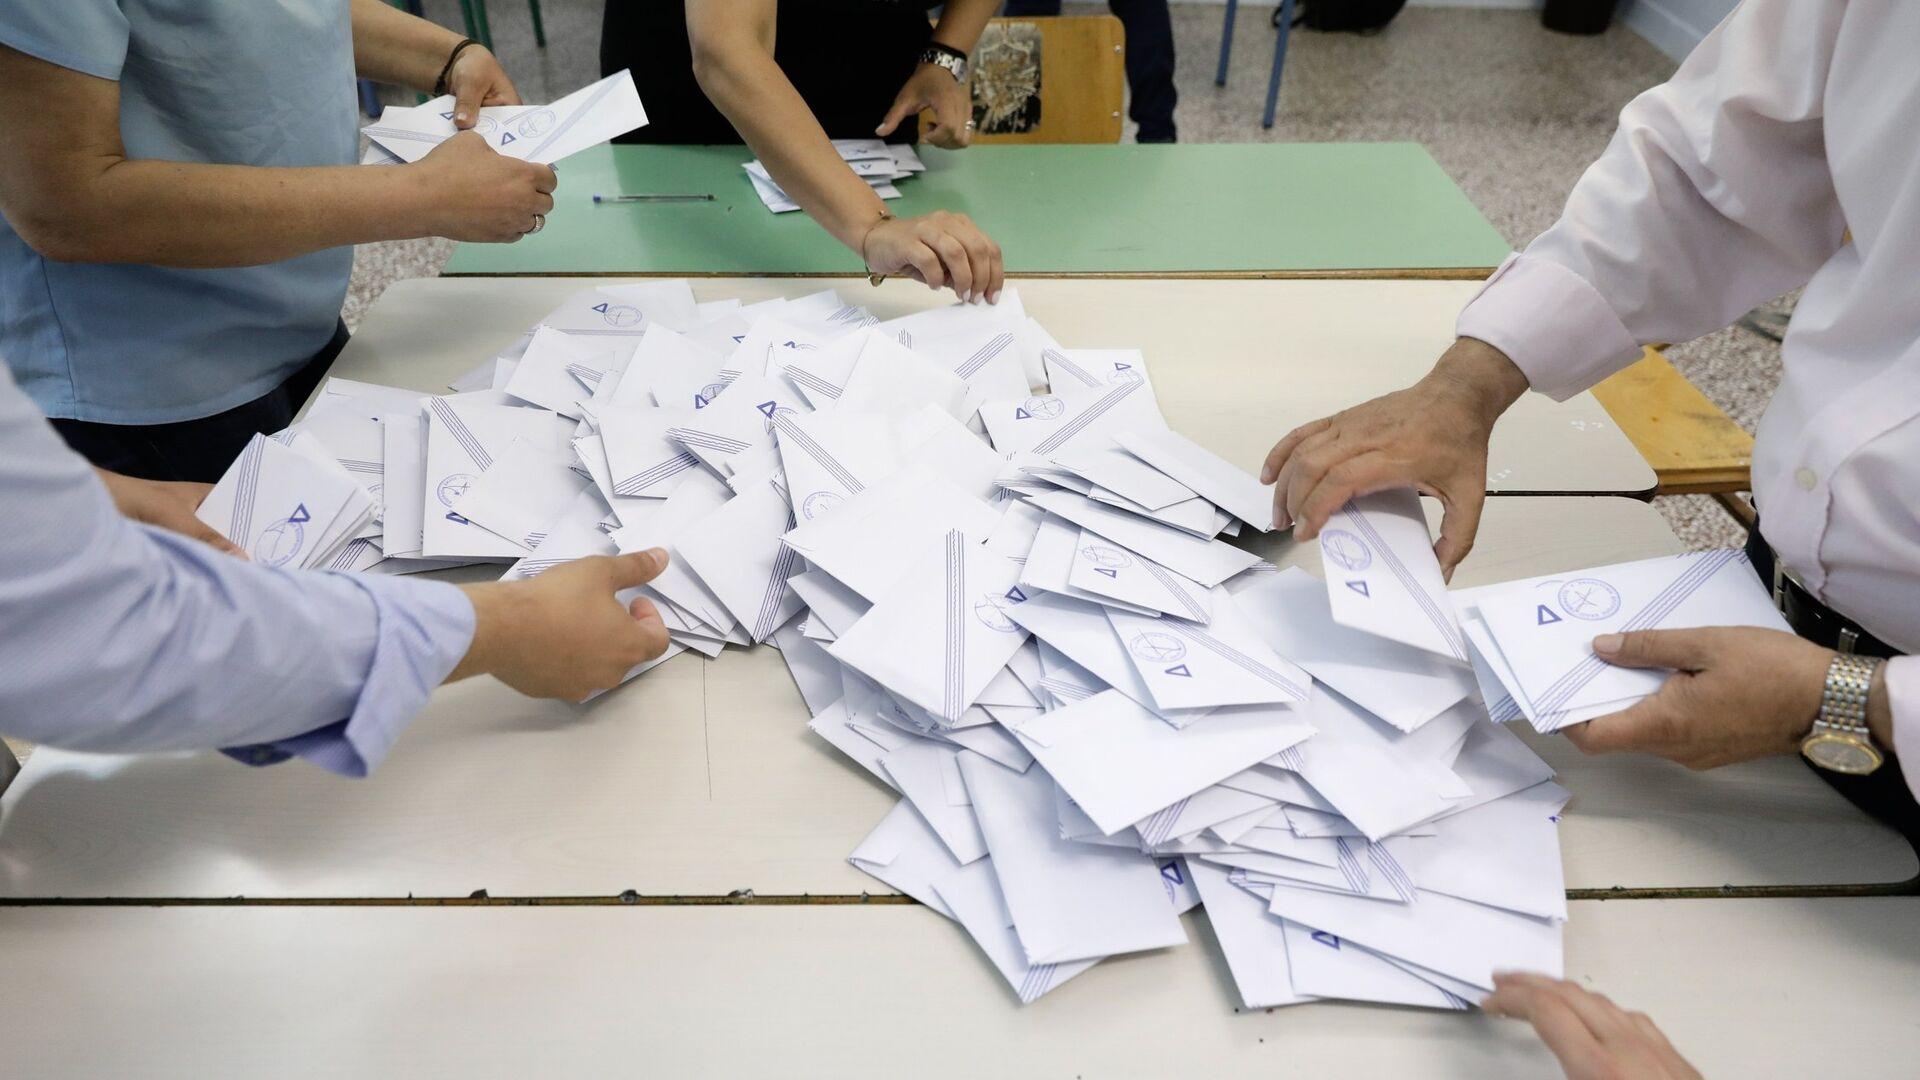 Καταμέτρηση ψήφων μετά το πέρας της εκλογικής διαδικασίας, Μάιος 2019 - Sputnik Ελλάδα, 1920, 17.09.2021